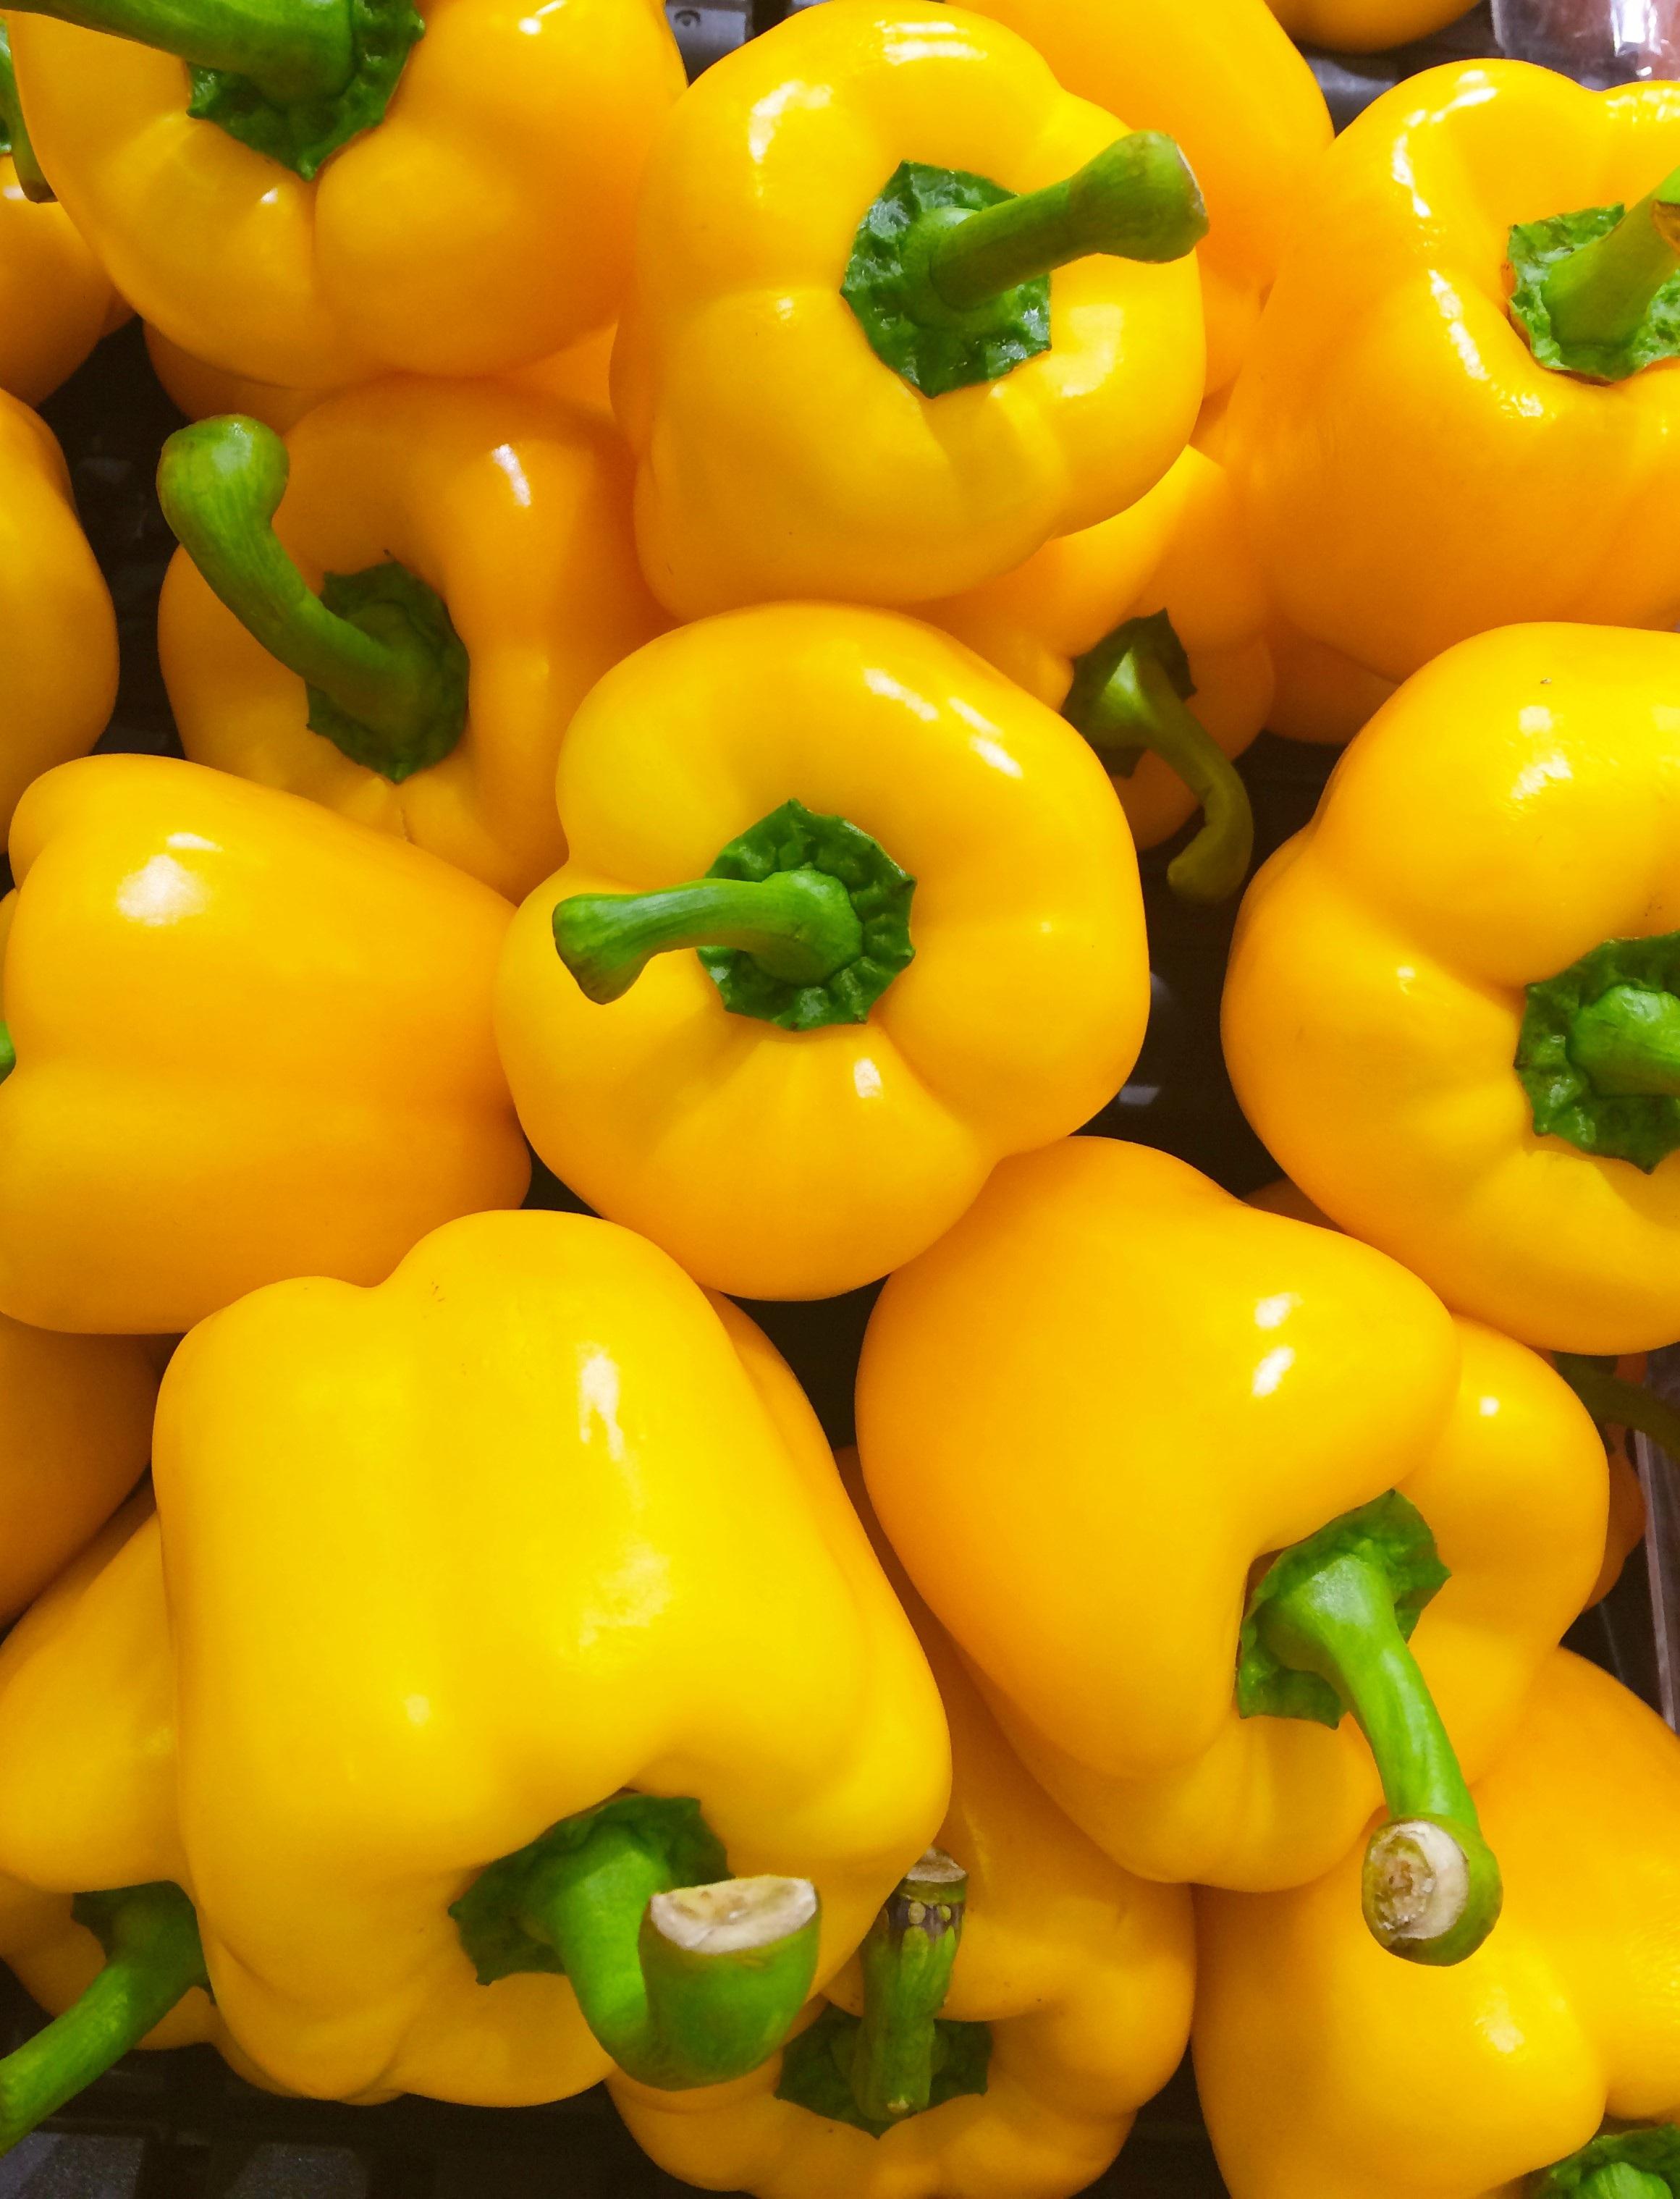 желтый овощ картинки главное отличие